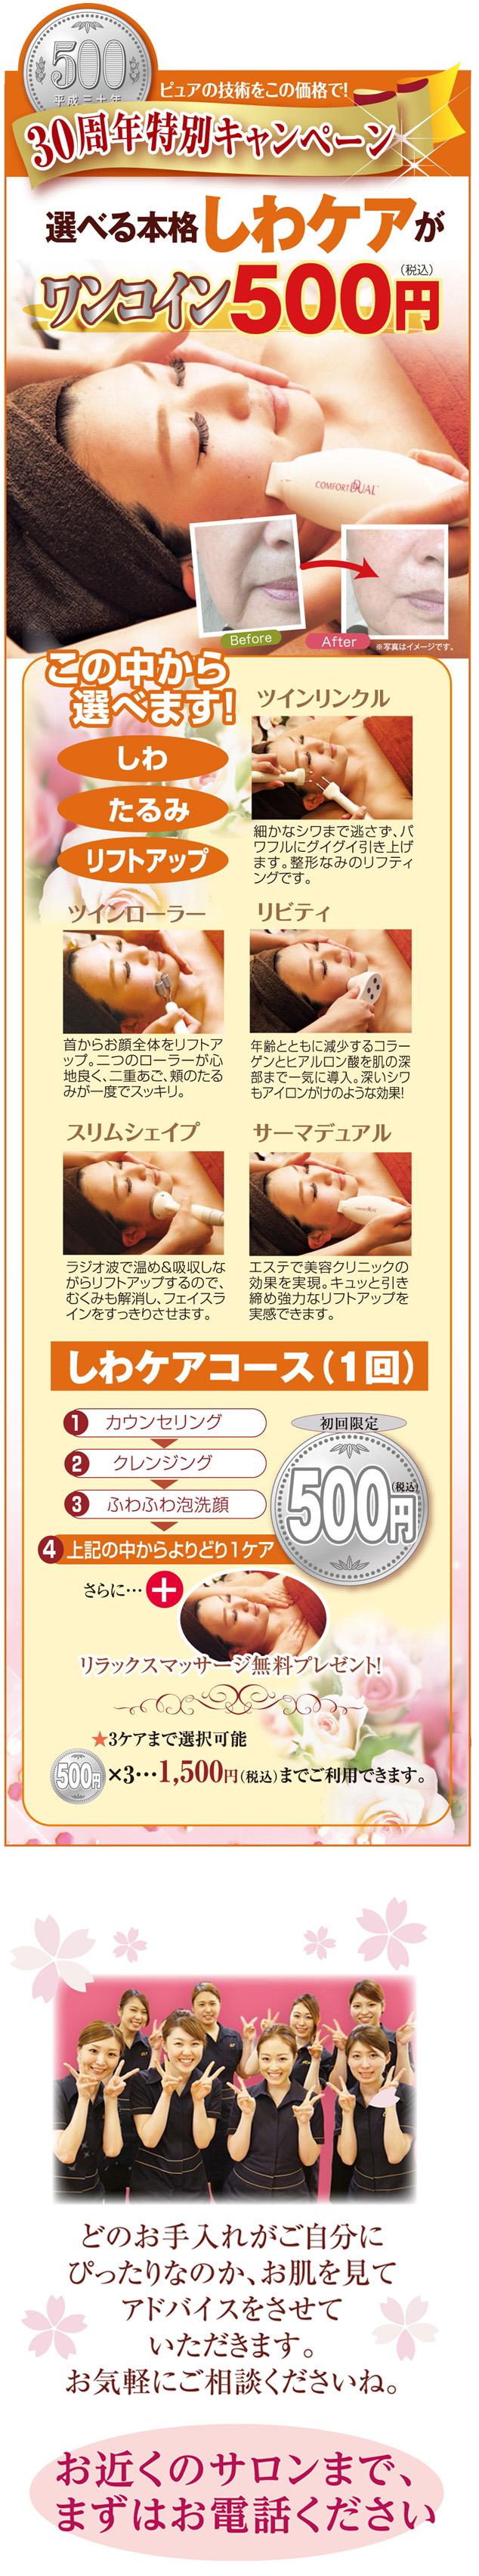 しわケアワンコイン特別体験500円! 奈良のしみしわたるみ対策エステはピュア